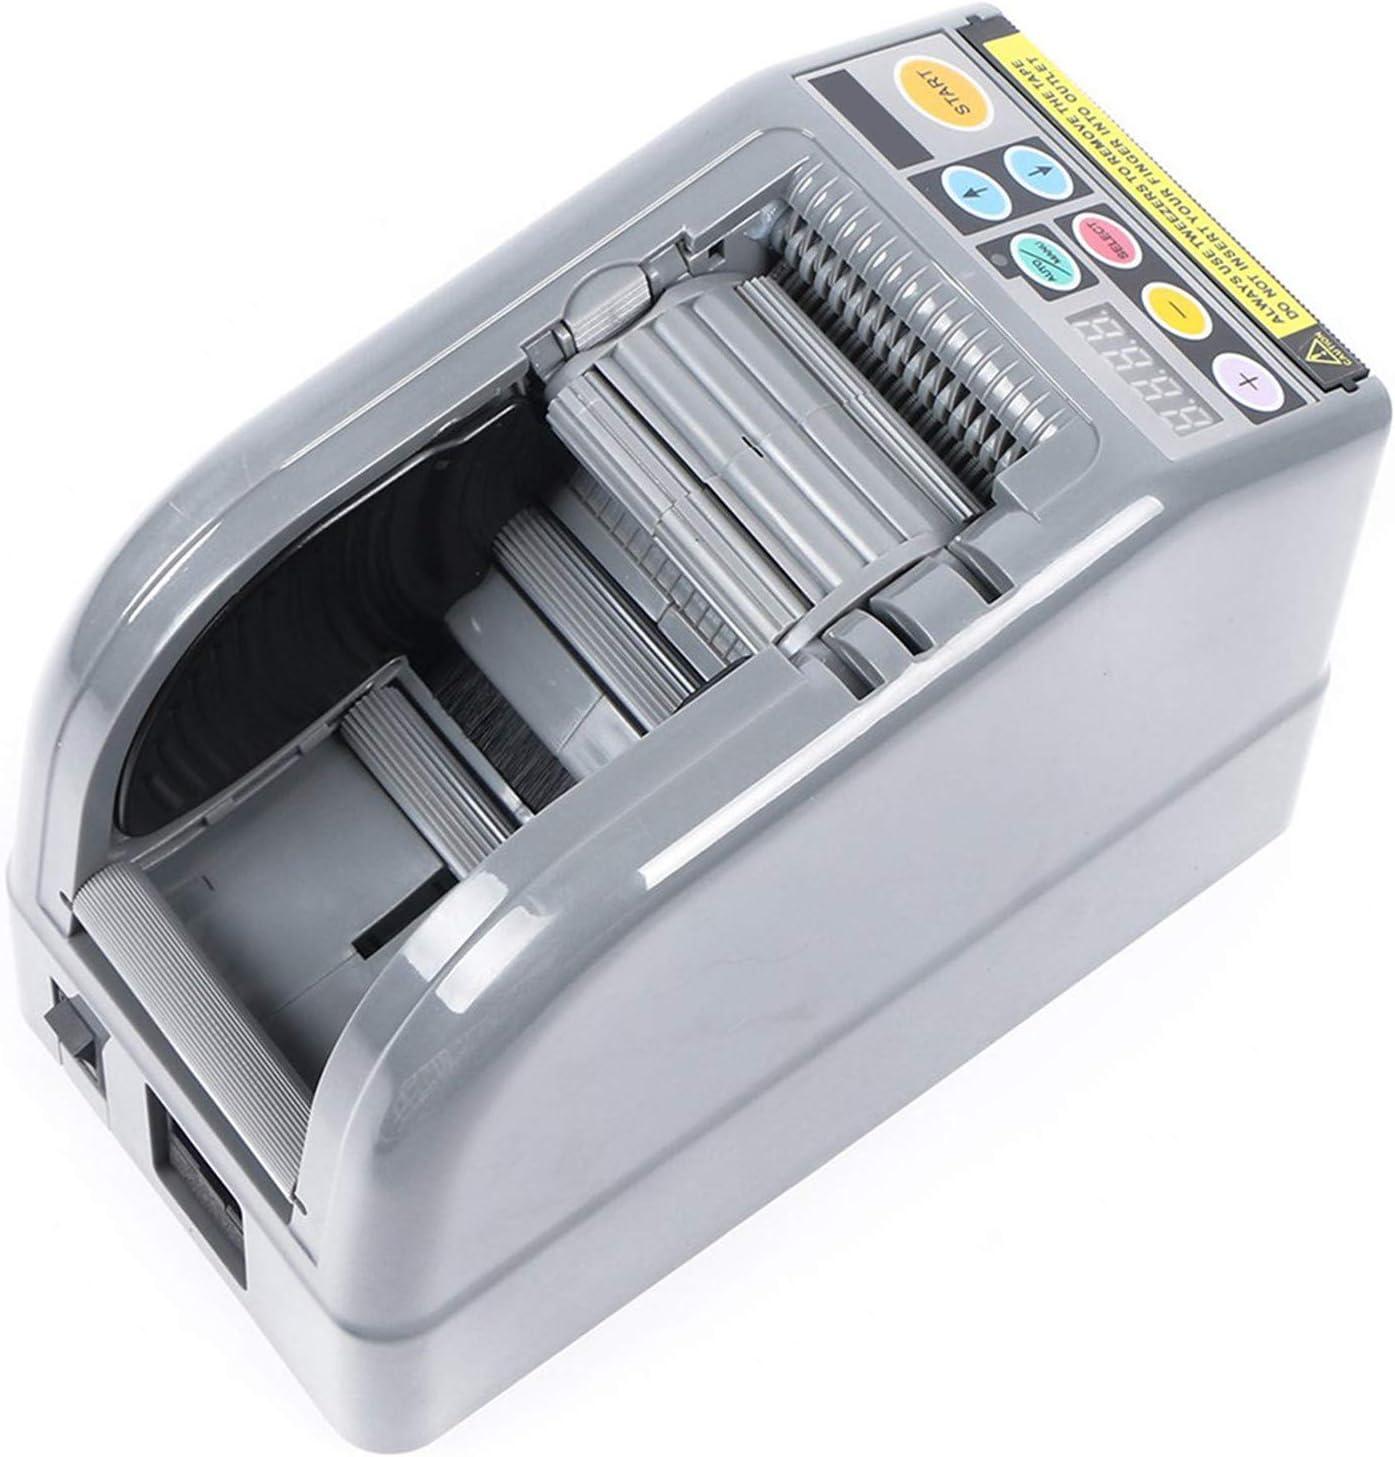 SEAAN Dispensador de Cinta autom/ático Cortador Adhesivo para Cinta de Doble Cara//Tela de Vidrio//l/ámina de Cobre cortadora de Cinta de Embalaje el/éctrica